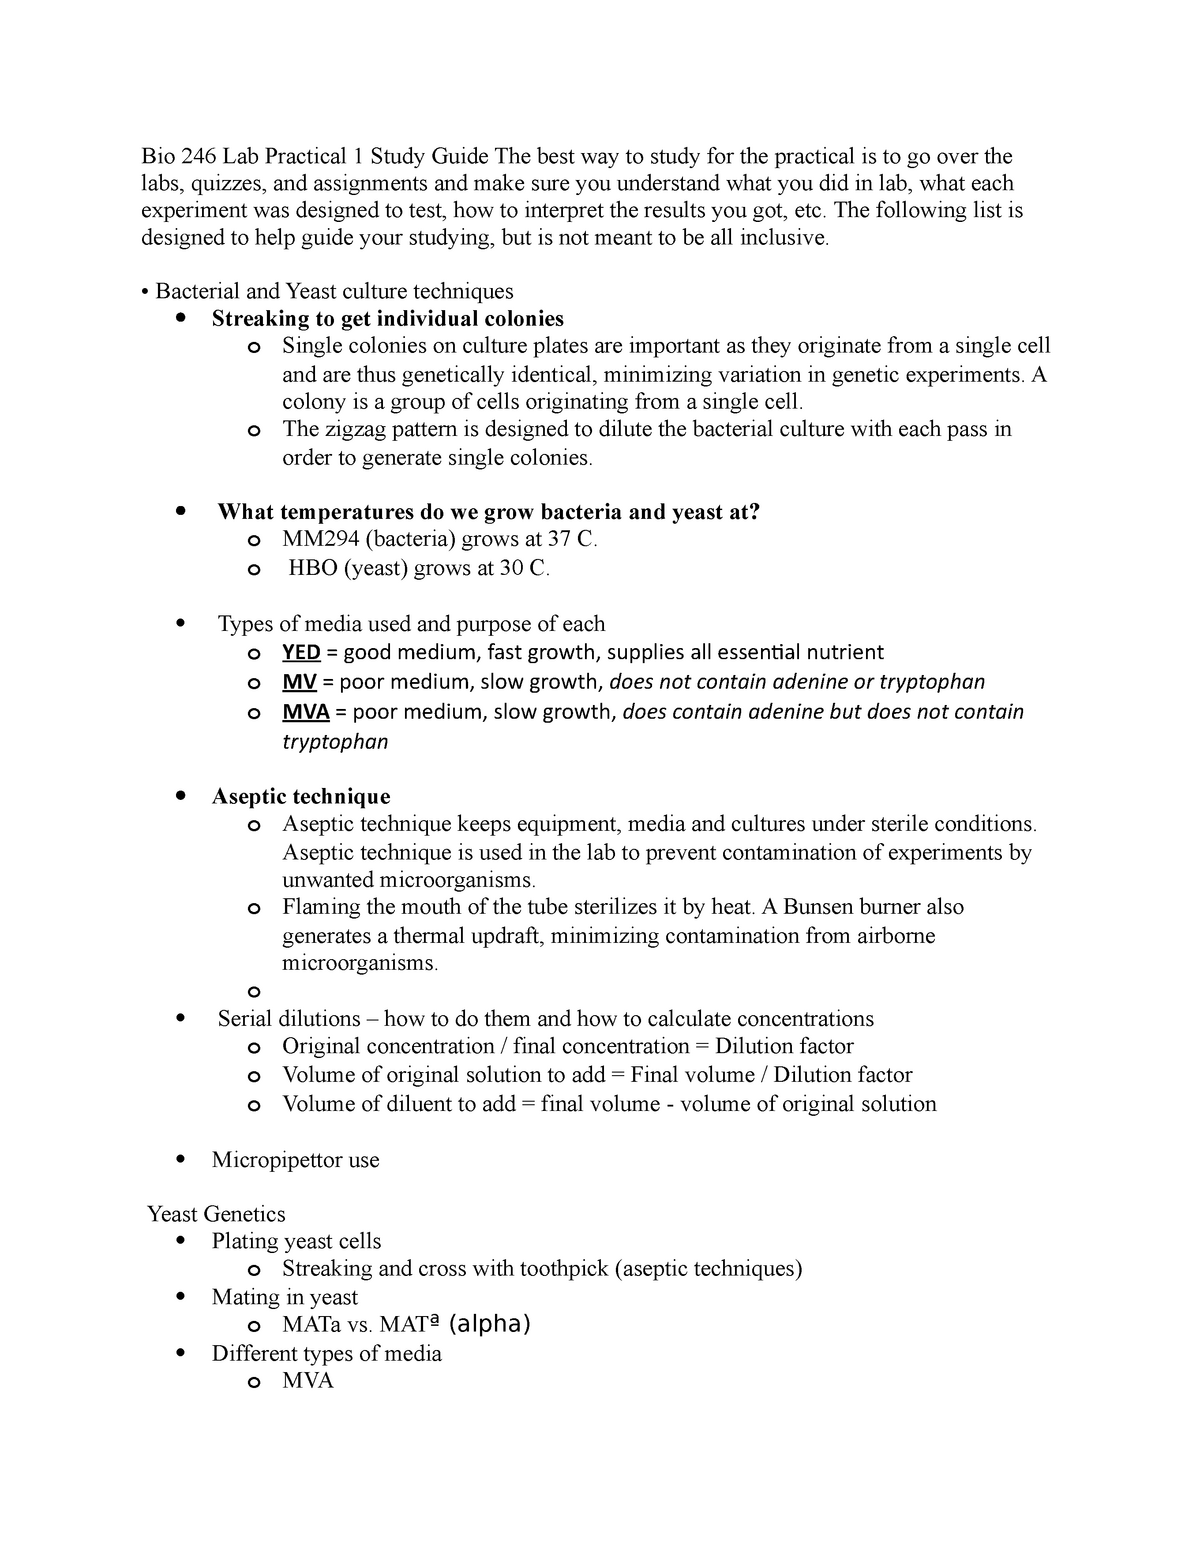 Lab practical 1 study guide - BIOL-L 311 Genetics - StuDocu